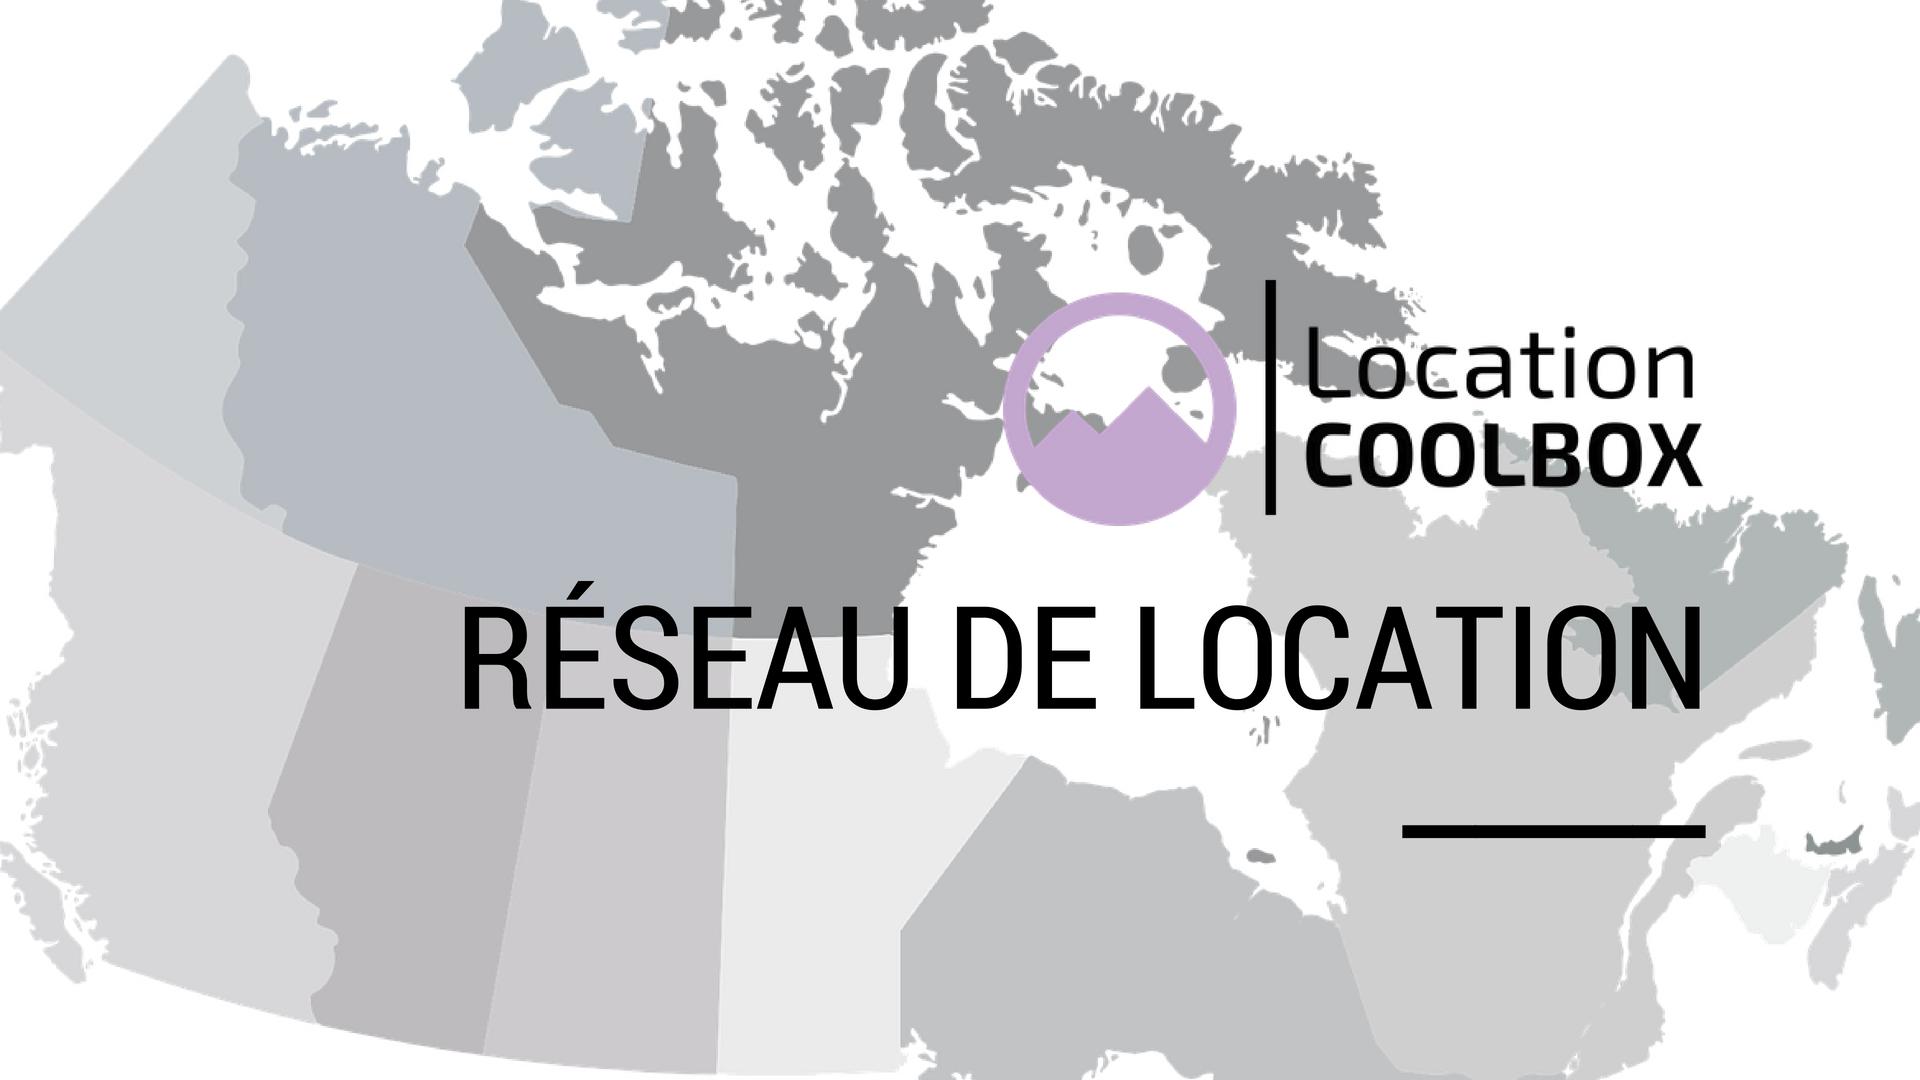 Réseau de location Coolbox